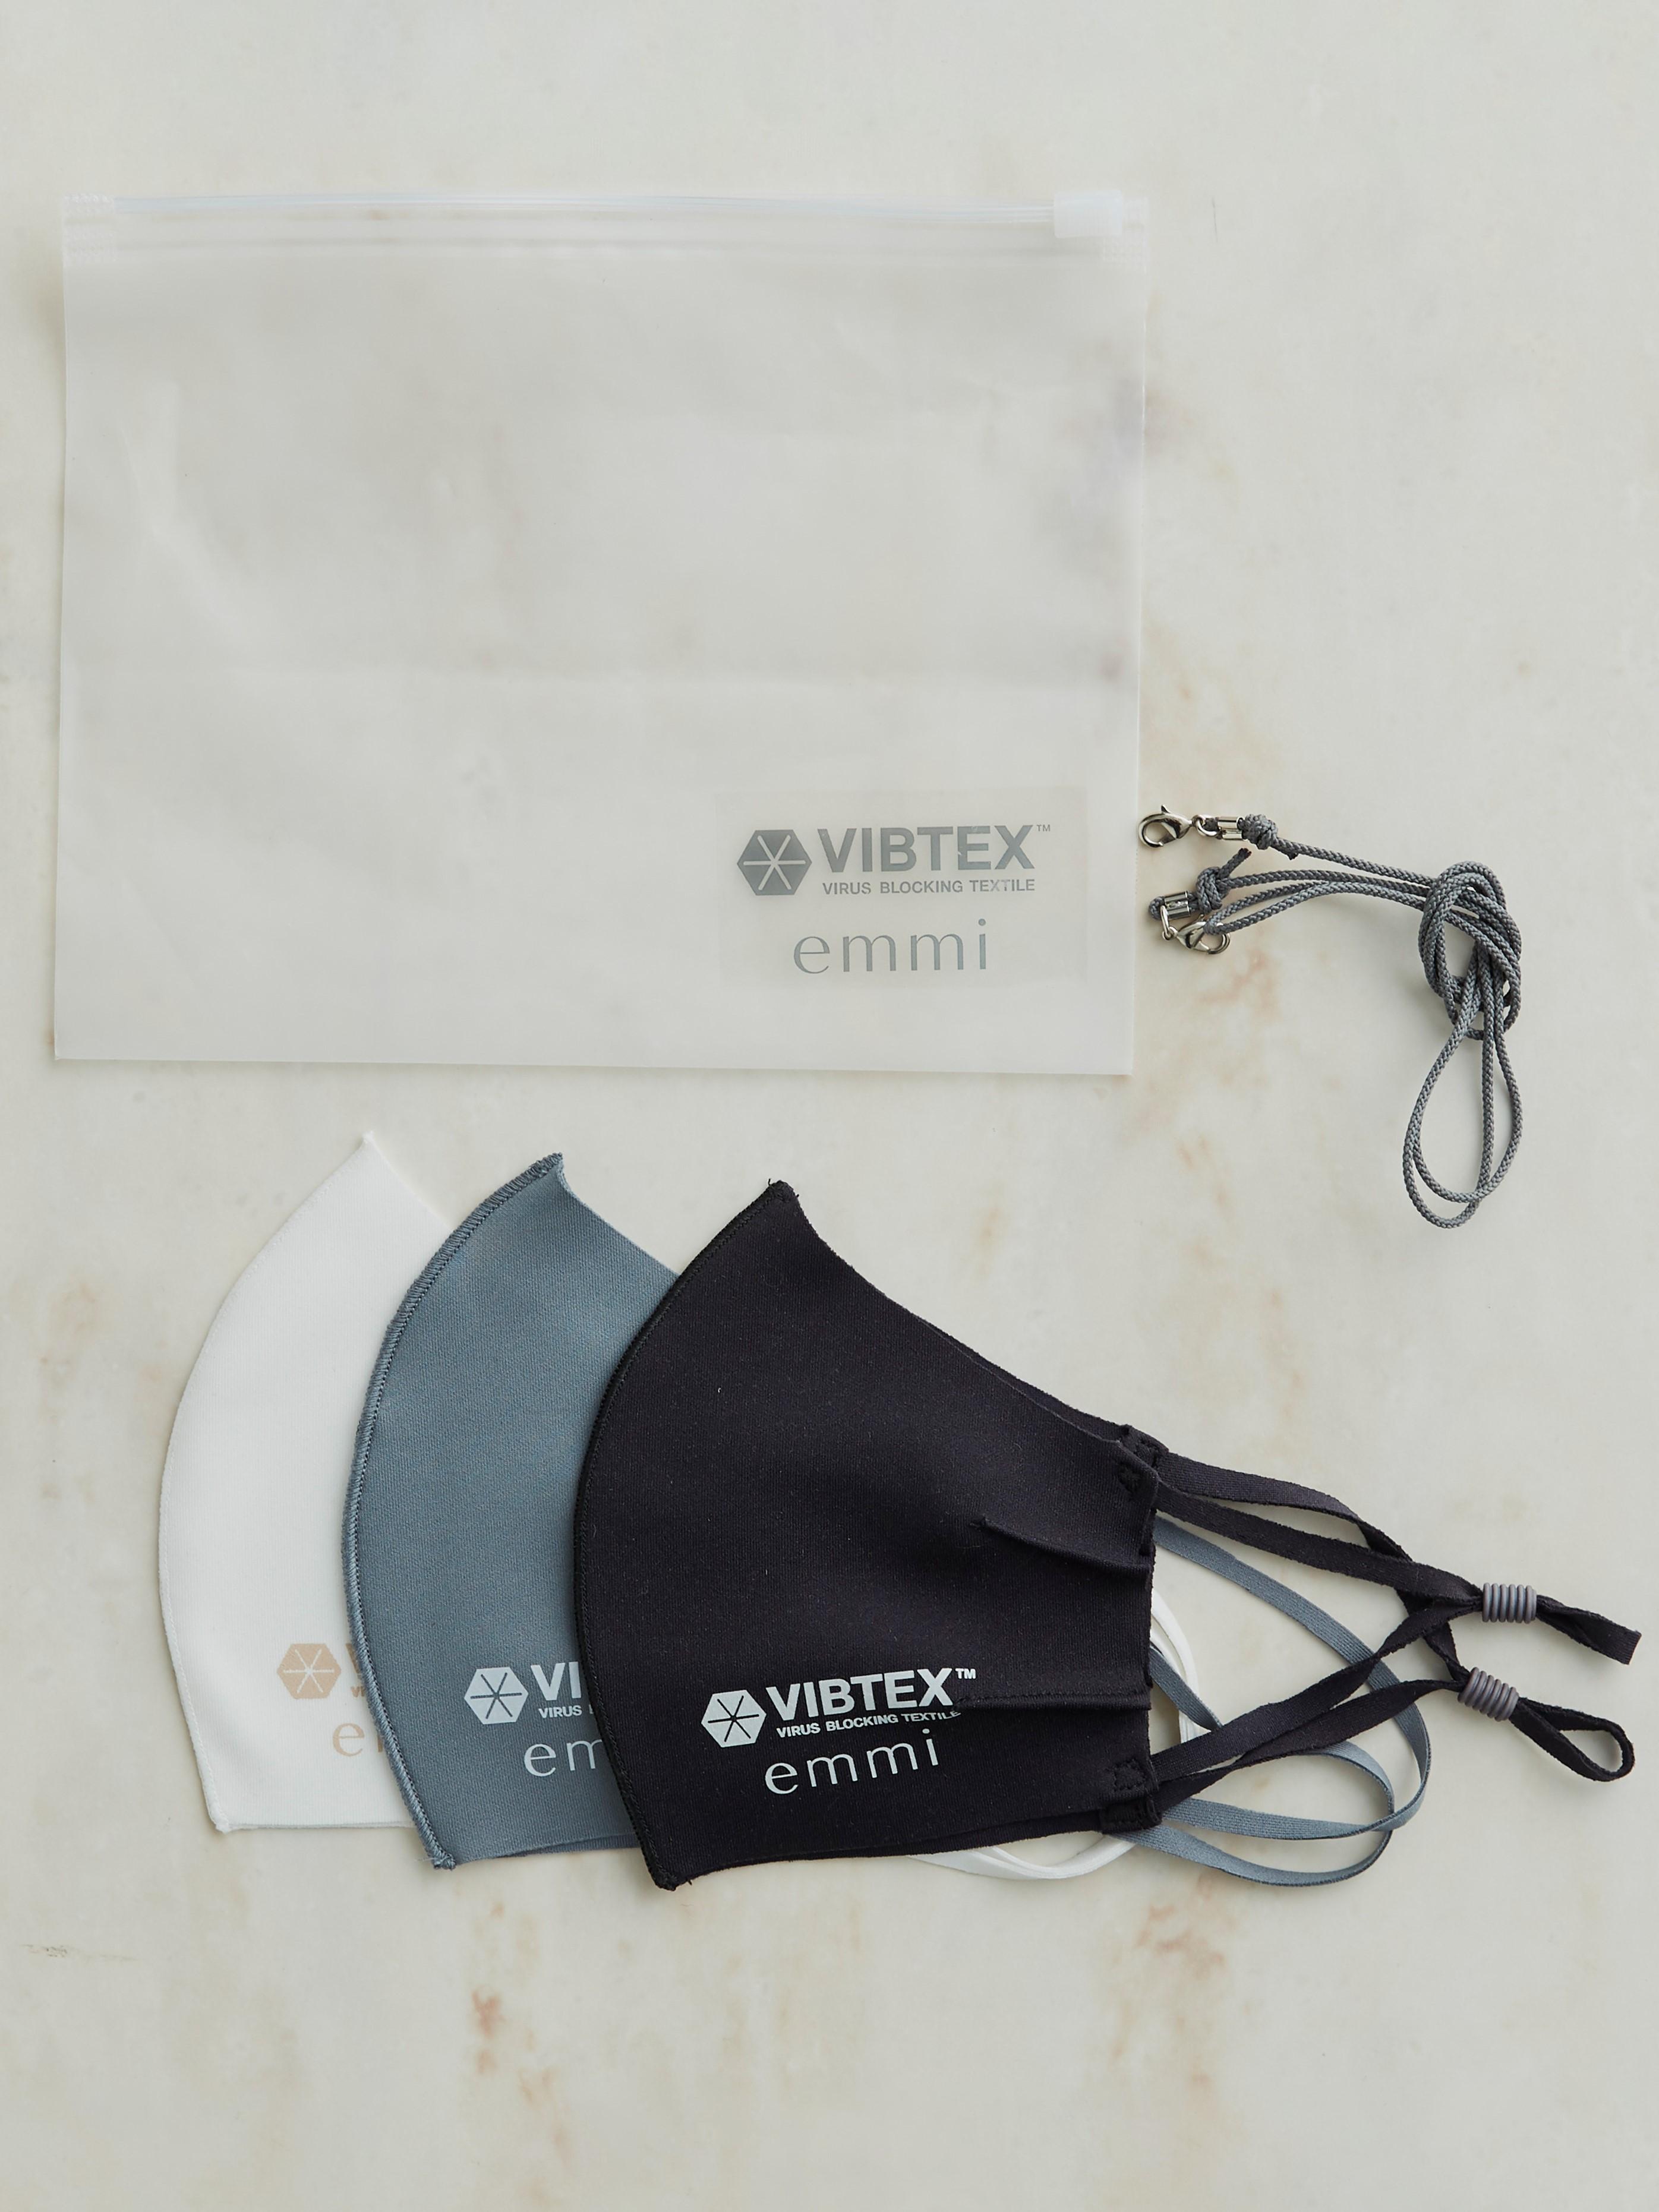 【emmi yoga】emmi VIBTEX マスクセット